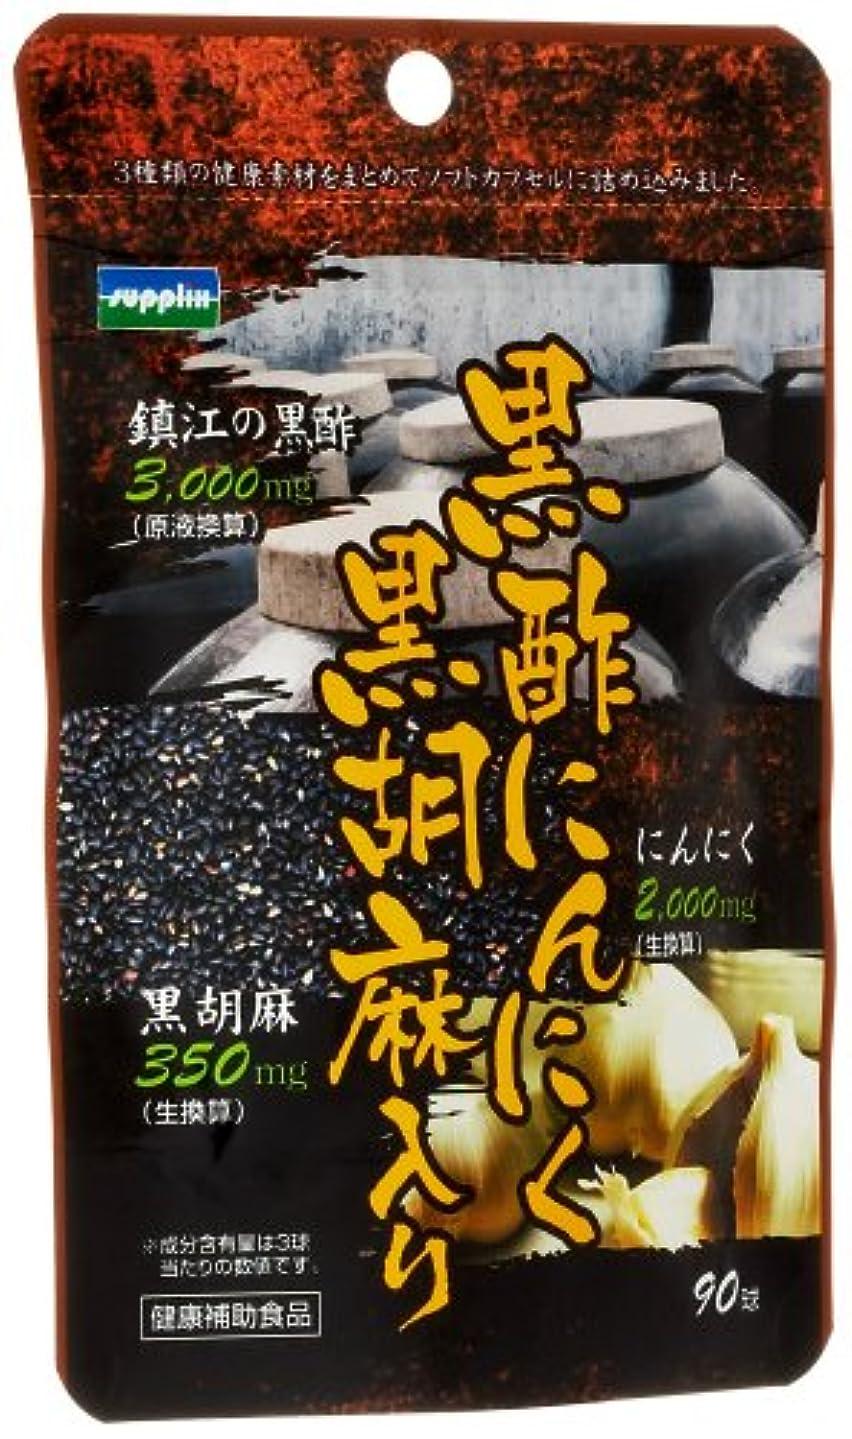 黒酢にんにく 黒胡麻入り (300mg*90カプセル)